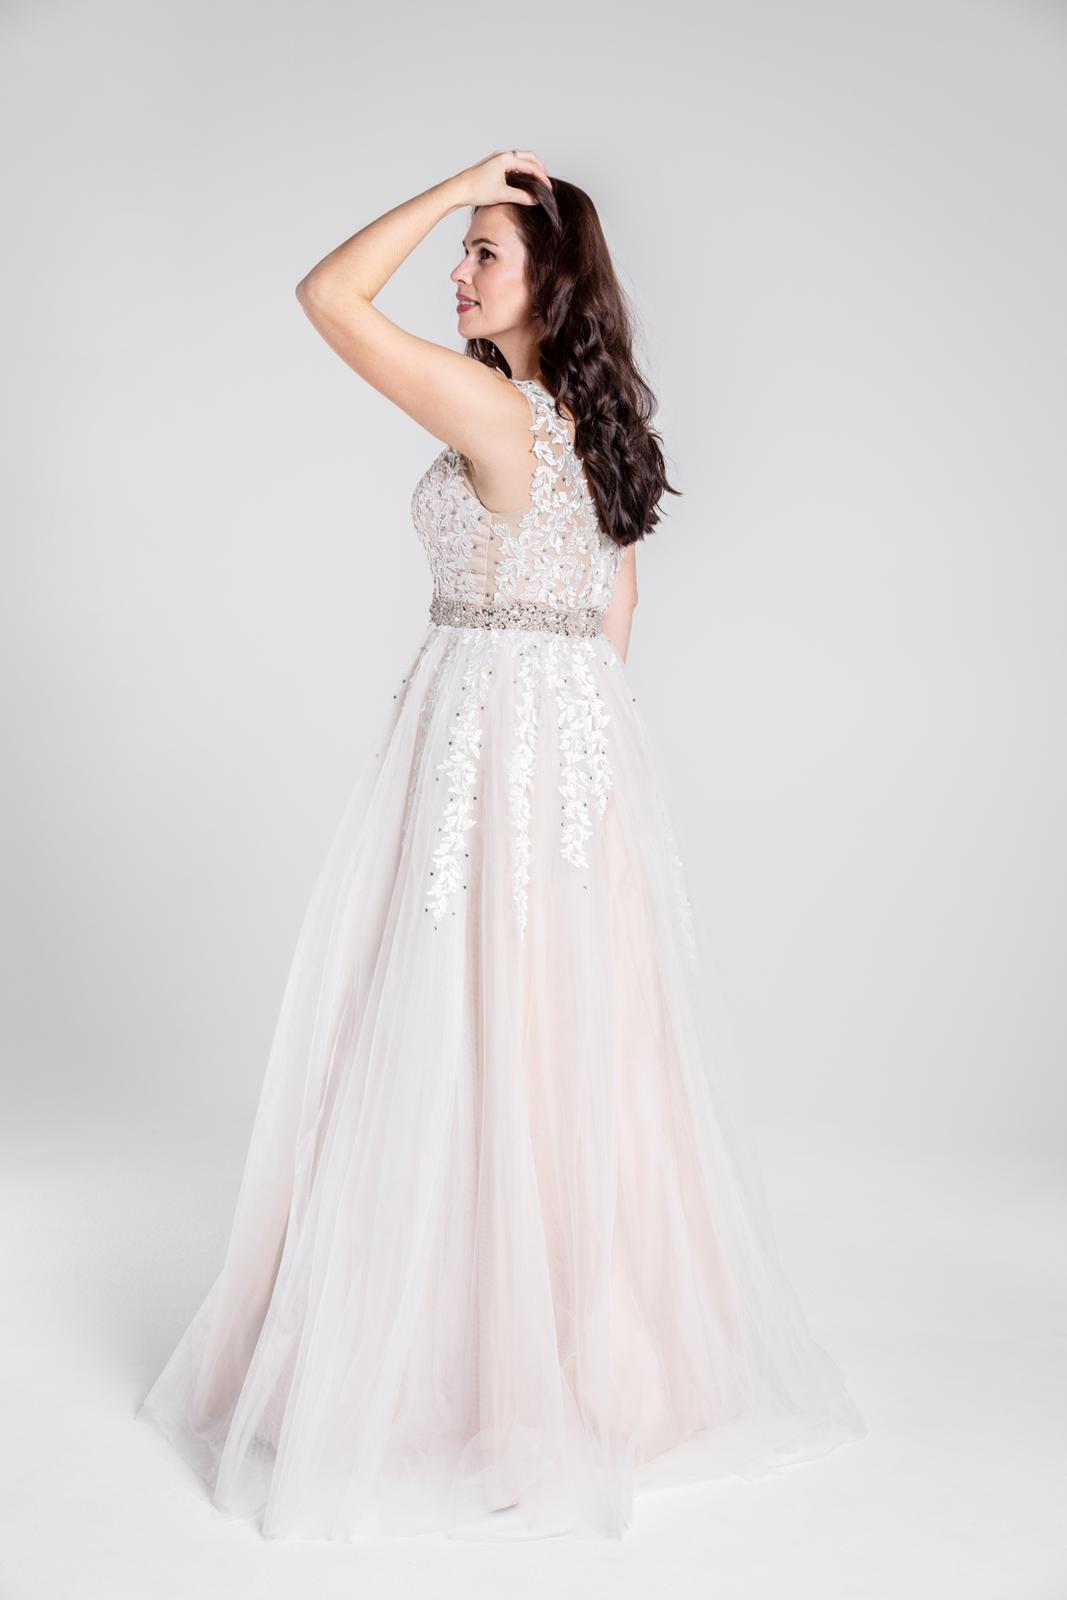 Svatební šaty v boho stylu 42-44 - Obrázek č. 3